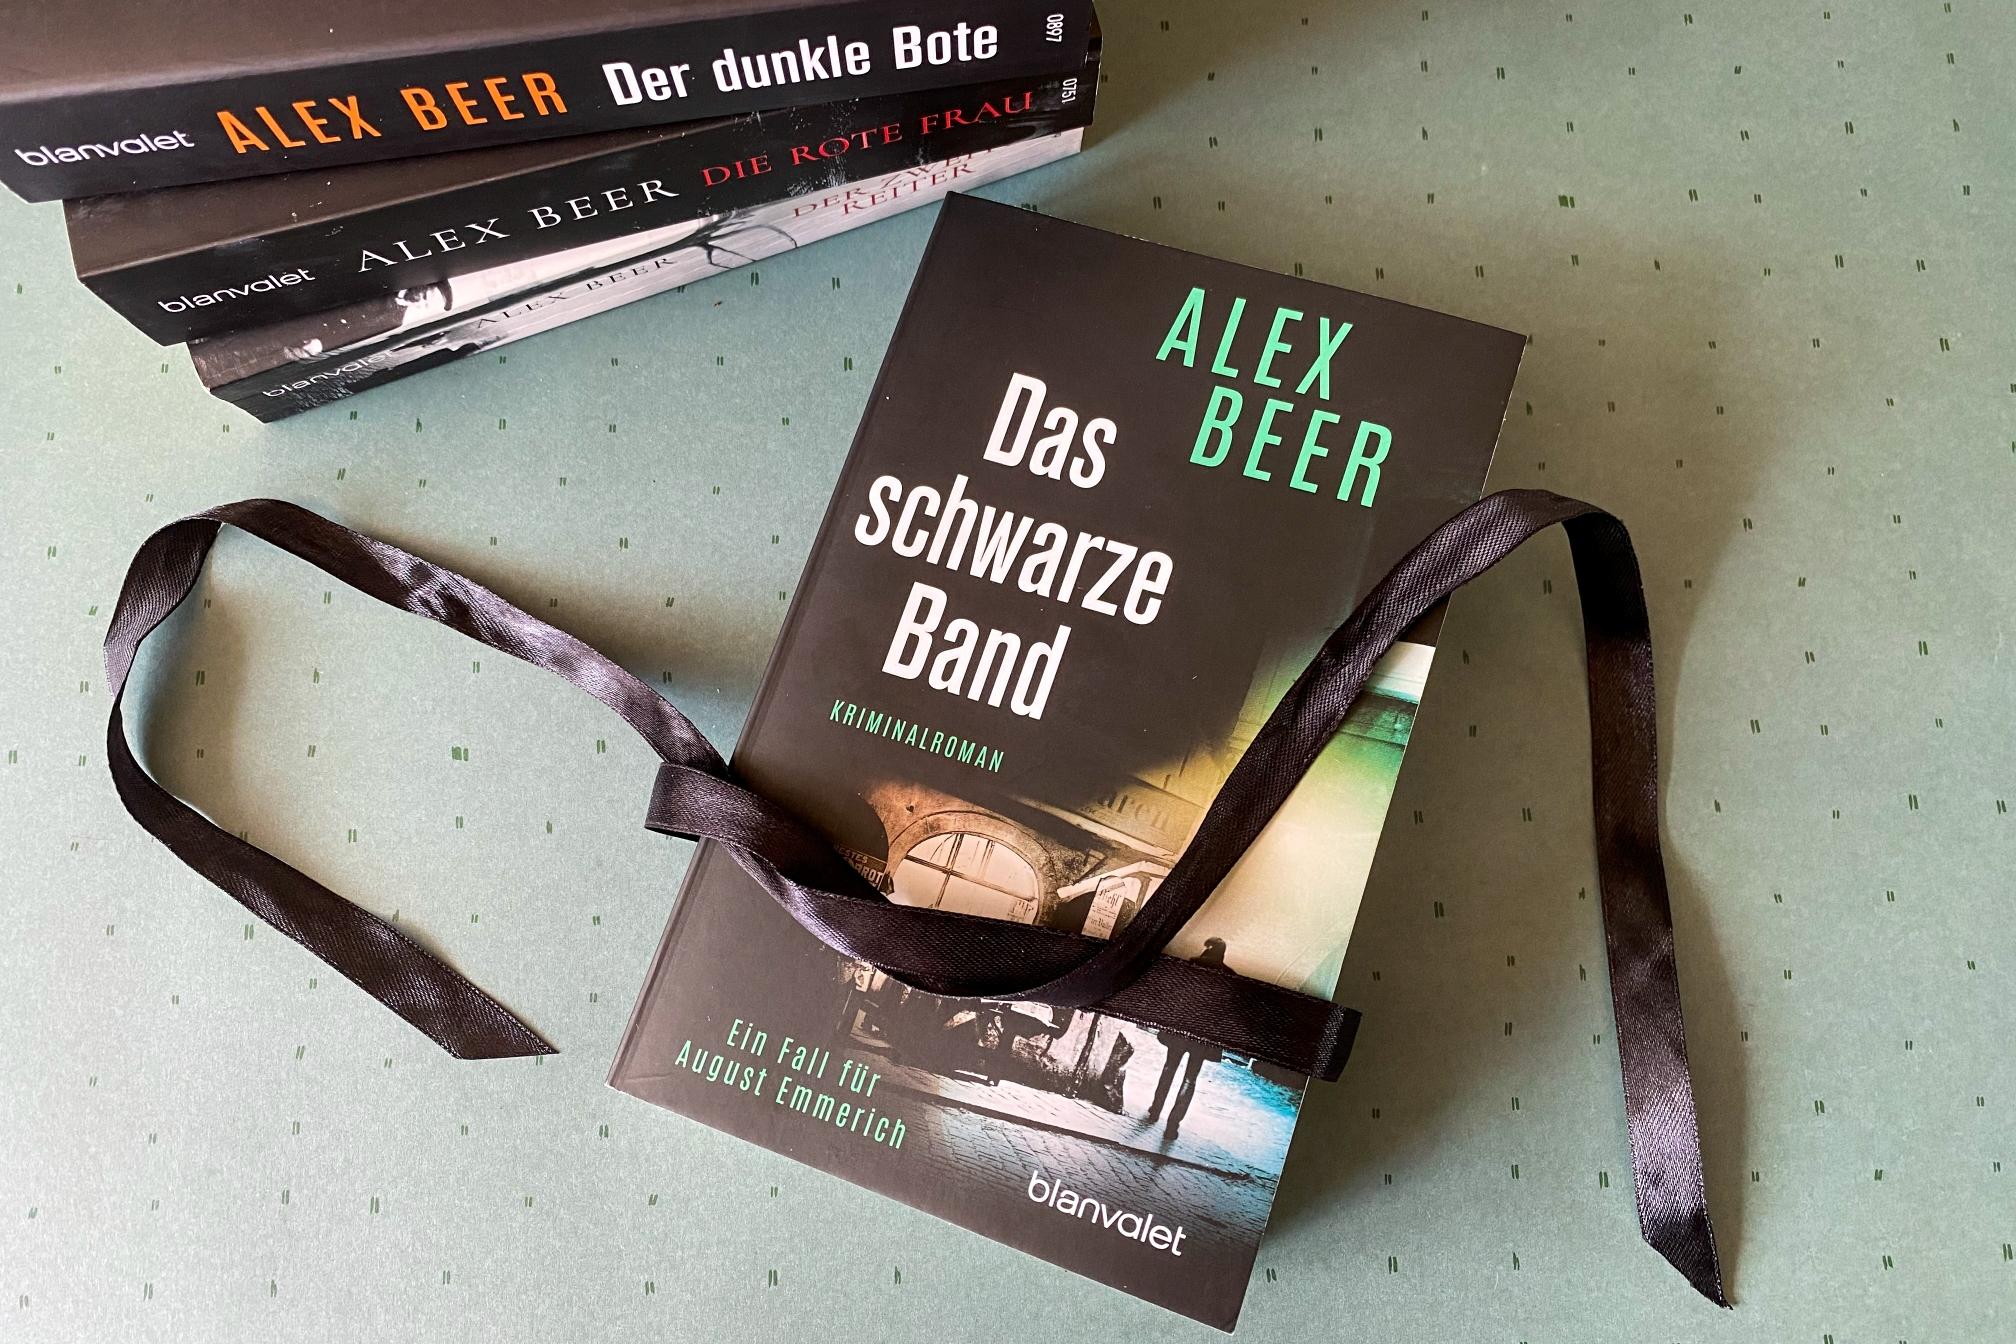 Alex Beer Das schwarze Band Wien Krimi August Emmerich Ferdinand Winter